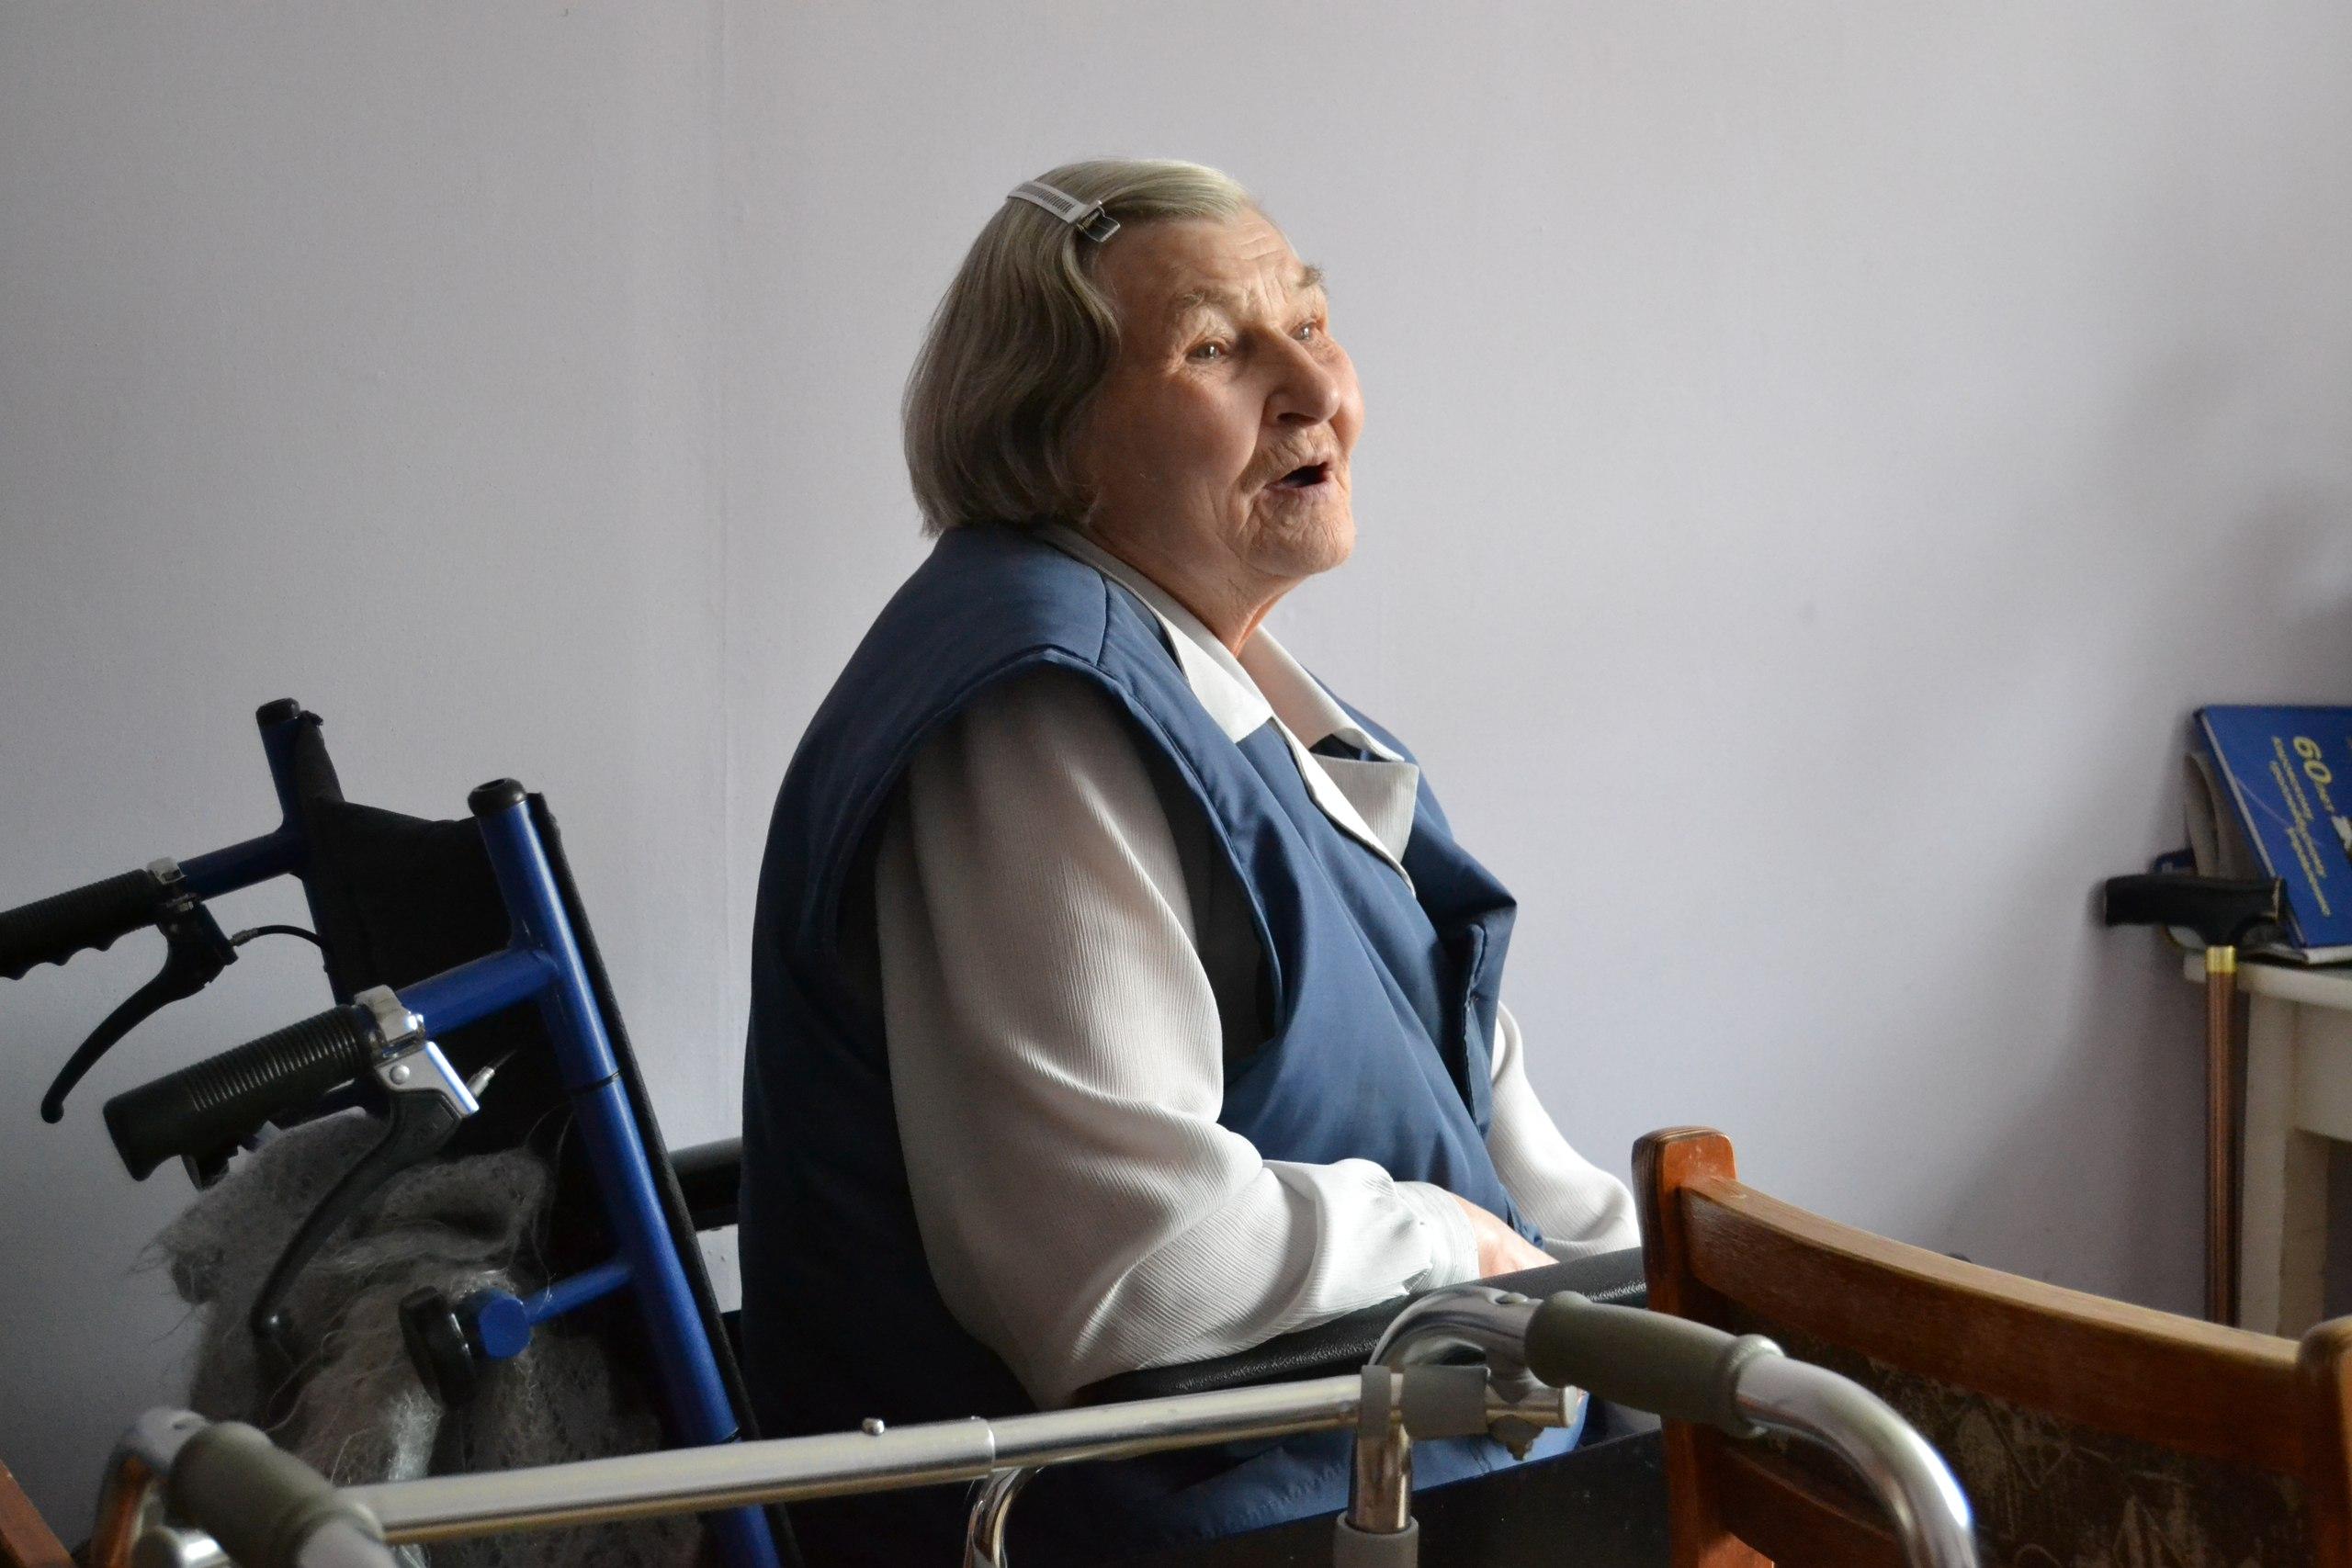 Дом престарелых кировской области дом интернат для престарелых и инвалидов вологодской области